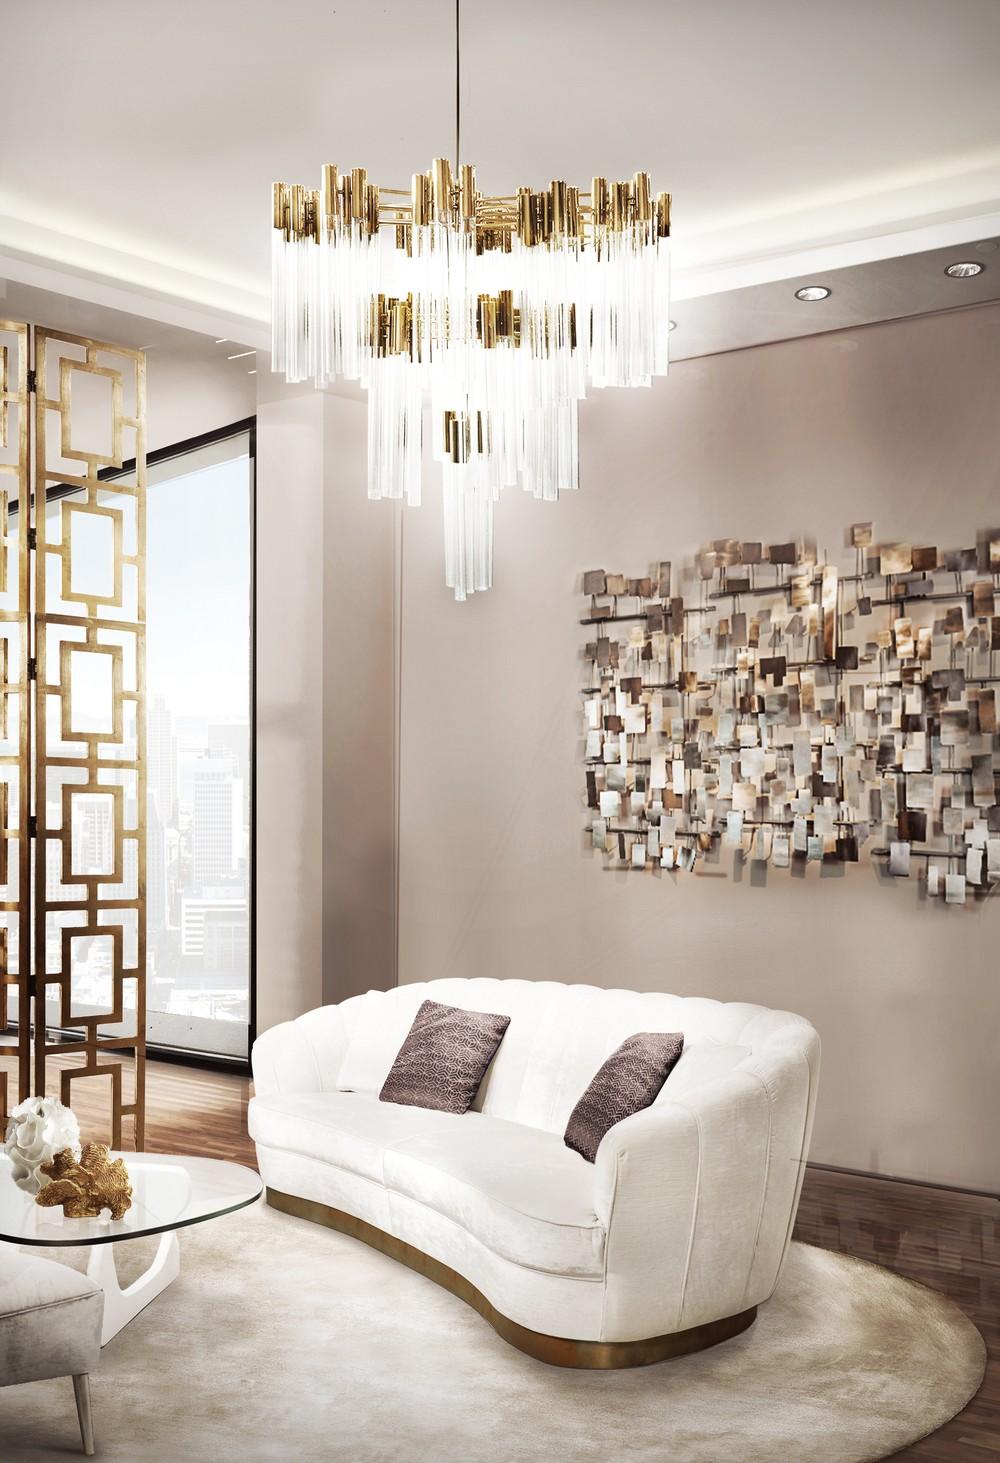 Maison et Objet 2020 Discover LUXXU's Most Iconic Modern Designs_3 maison et objet Maison et Objet 2020: Discover LUXXU's Most Iconic Modern Designs Maison et Objet 2020 Discover LUXXUs Most Iconic Modern Designs 3